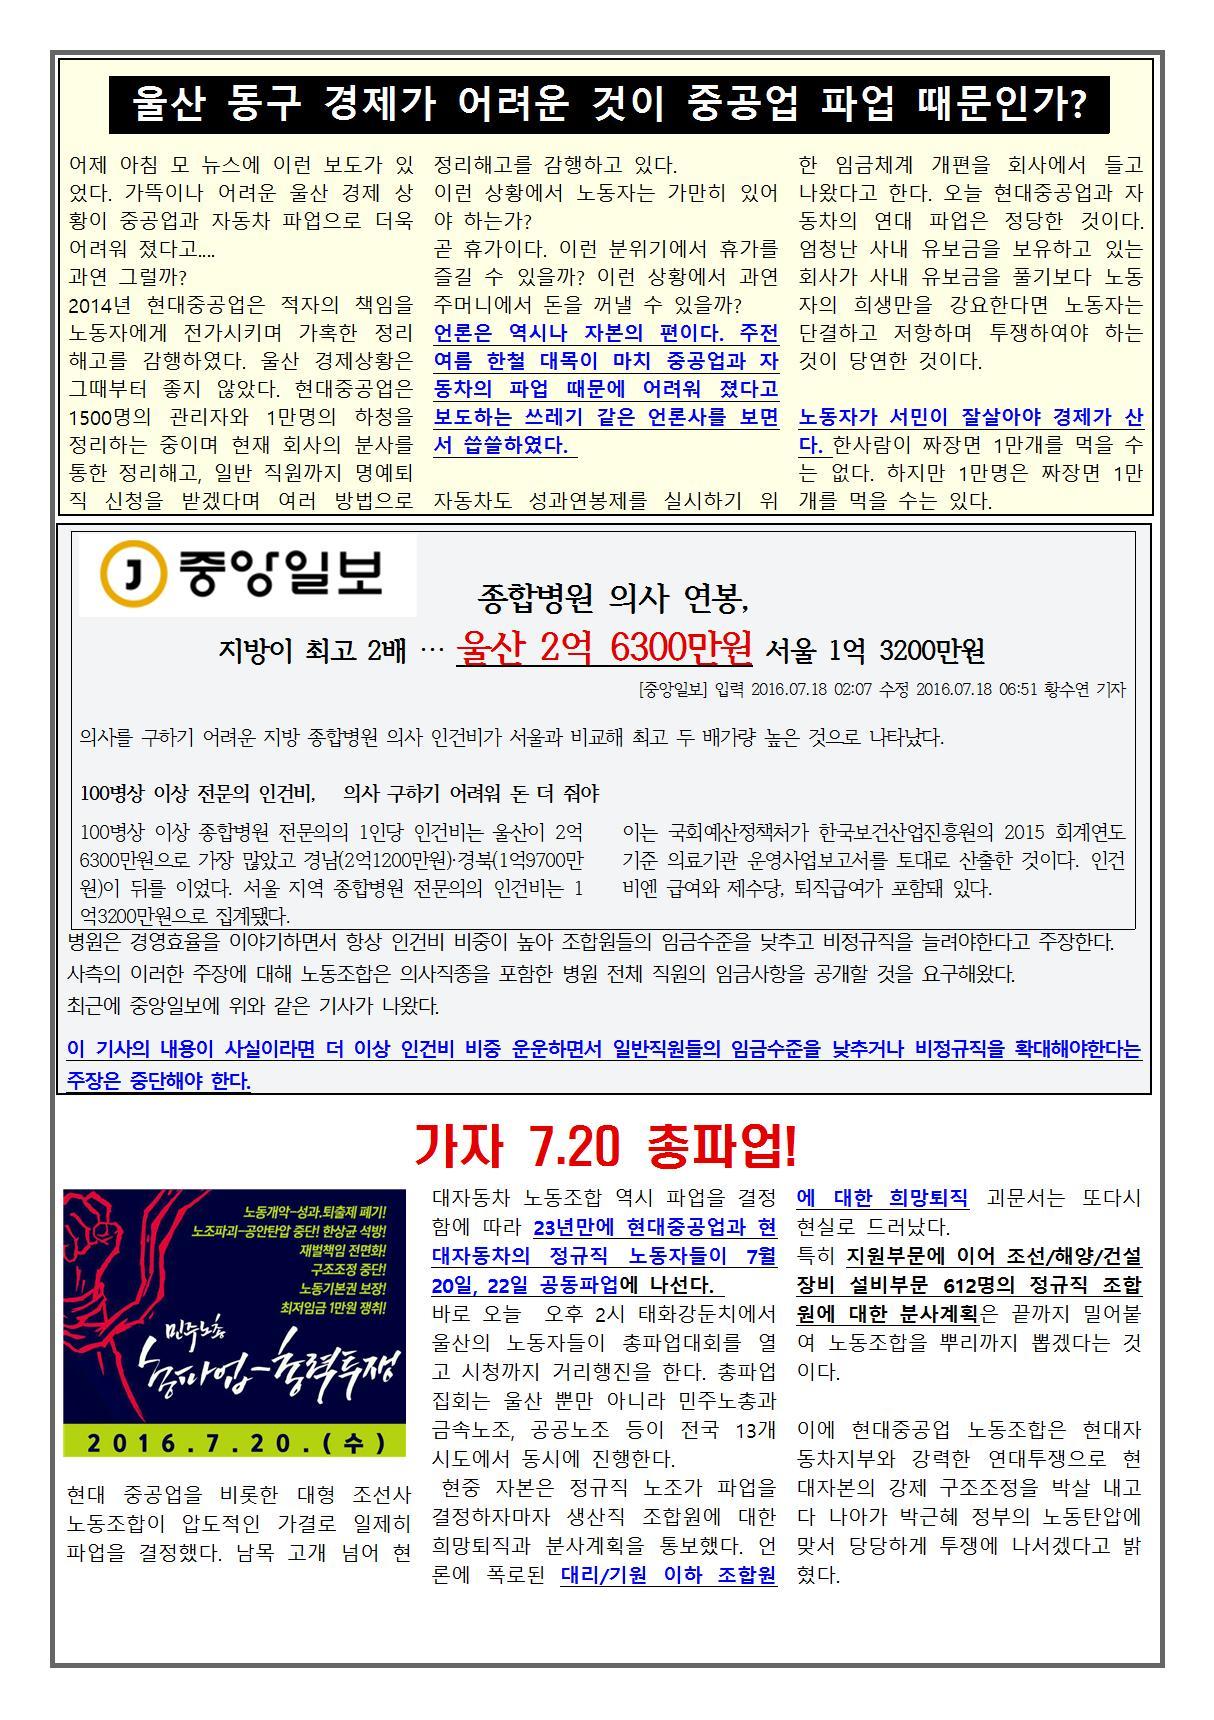 울산대병원분회 투쟁속보 20호 뒷장001.jpg